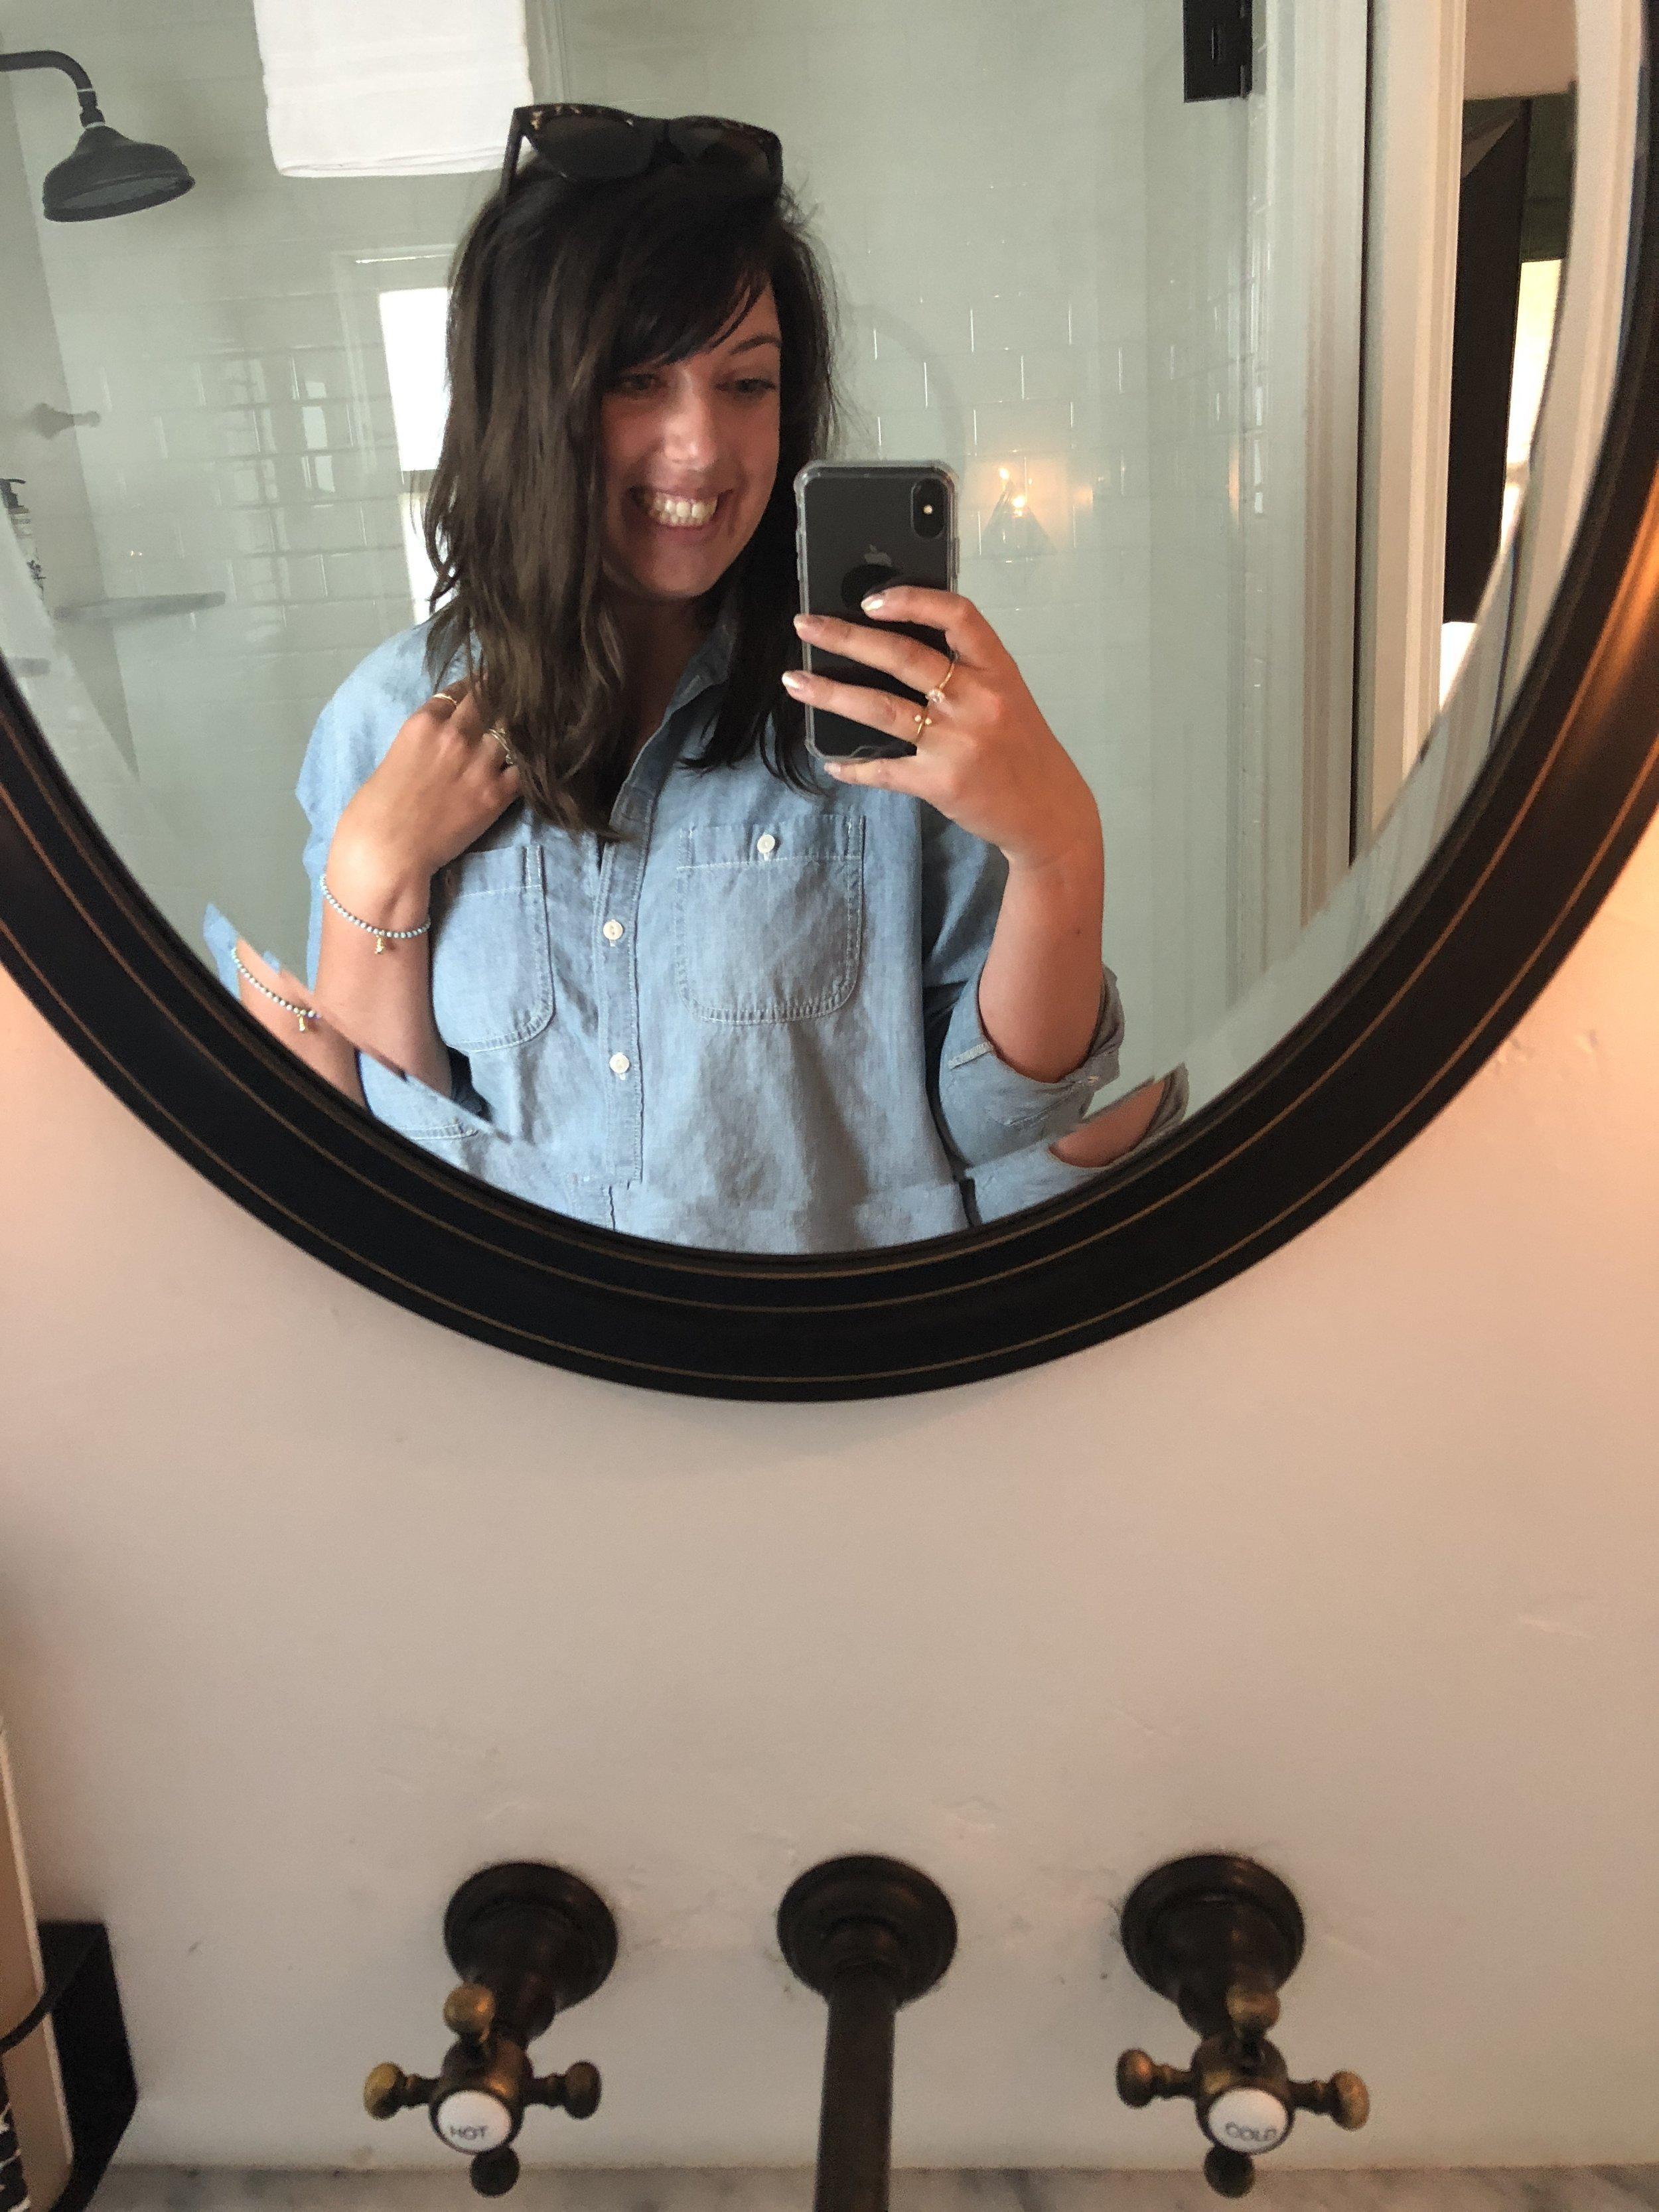 selfie in the bathroom mirror